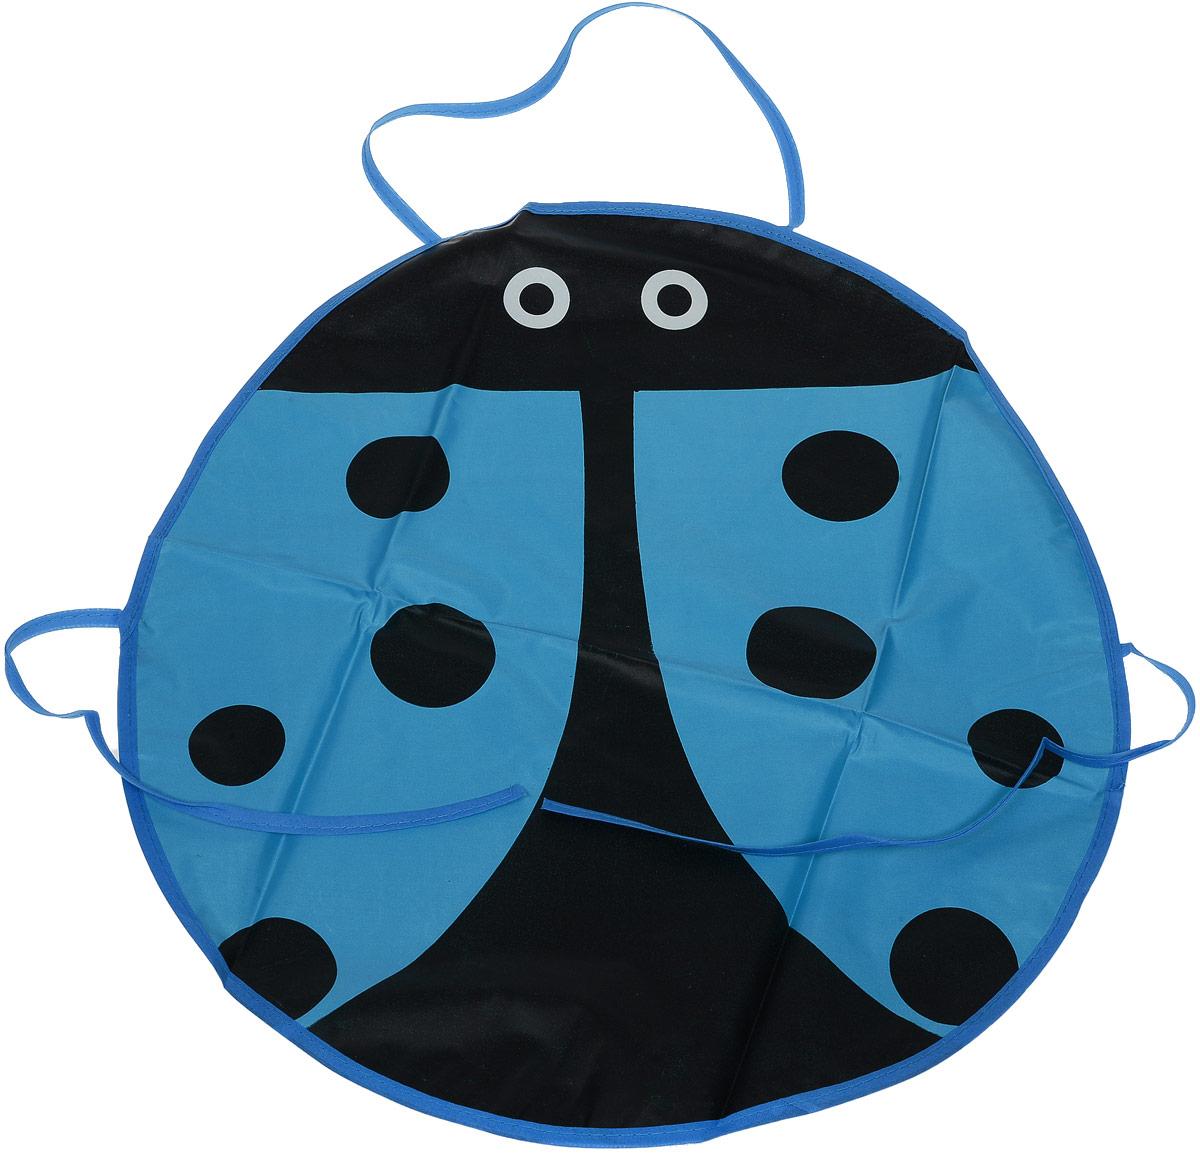 Школа талантов Фартук детский Божья коровка цвет синий -  Аксессуары для труда